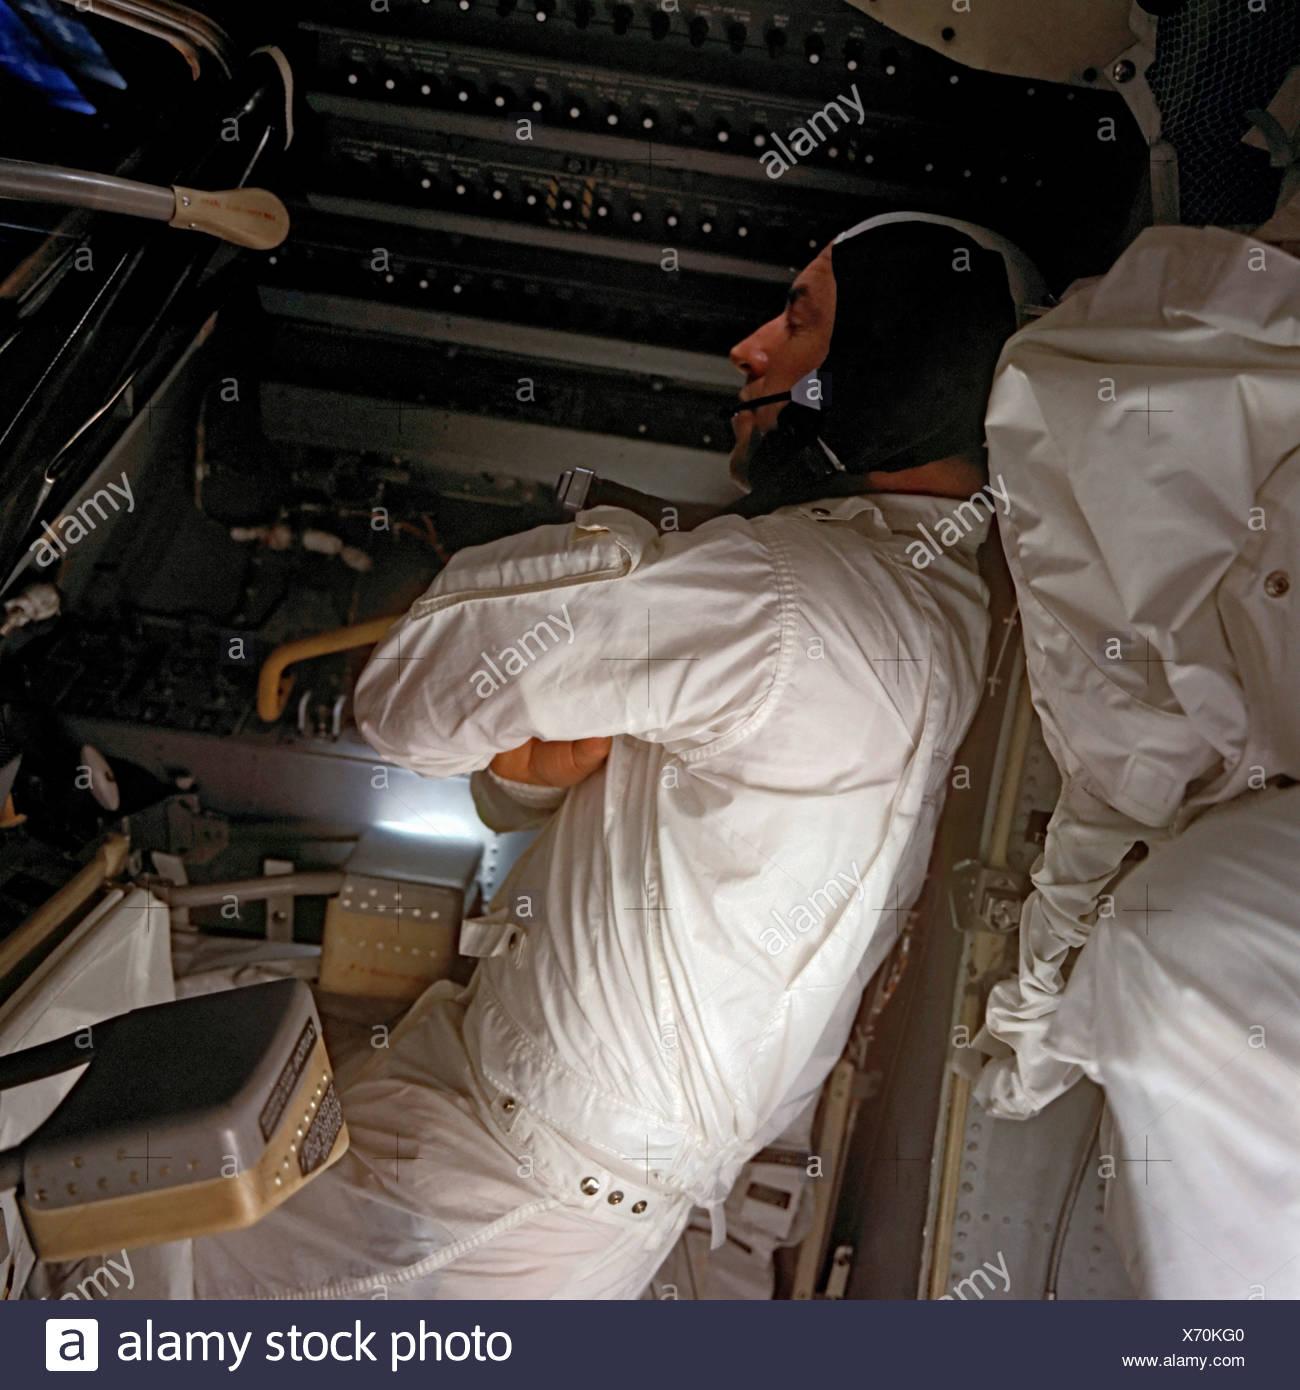 Apollo 13 - Un astronauta duerme Imagen De Stock